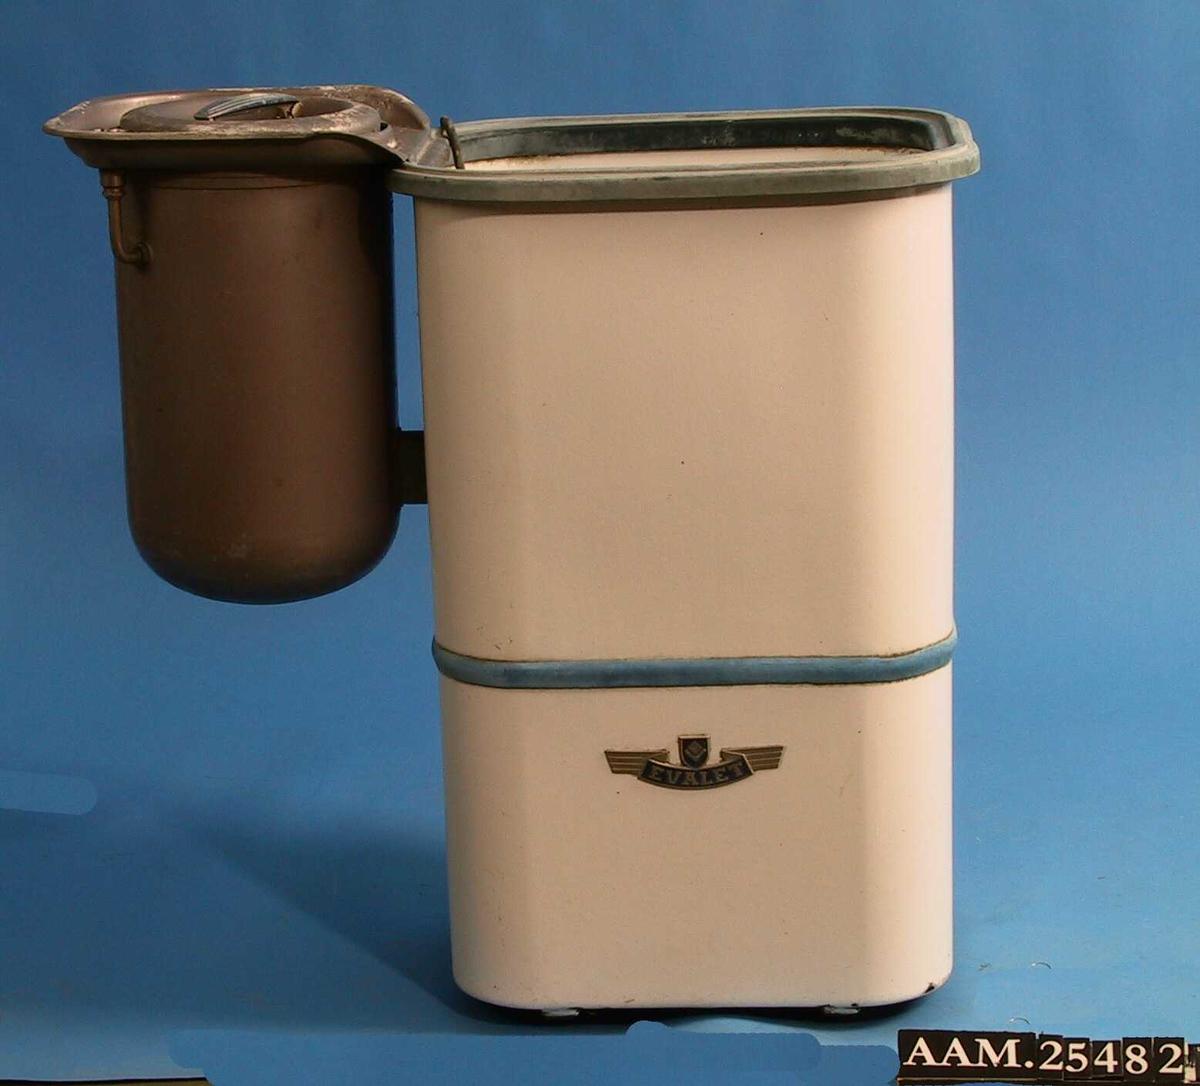 Vaskemaskin med rektangulær, avrundet, form,  påhengt rund presstørrer.